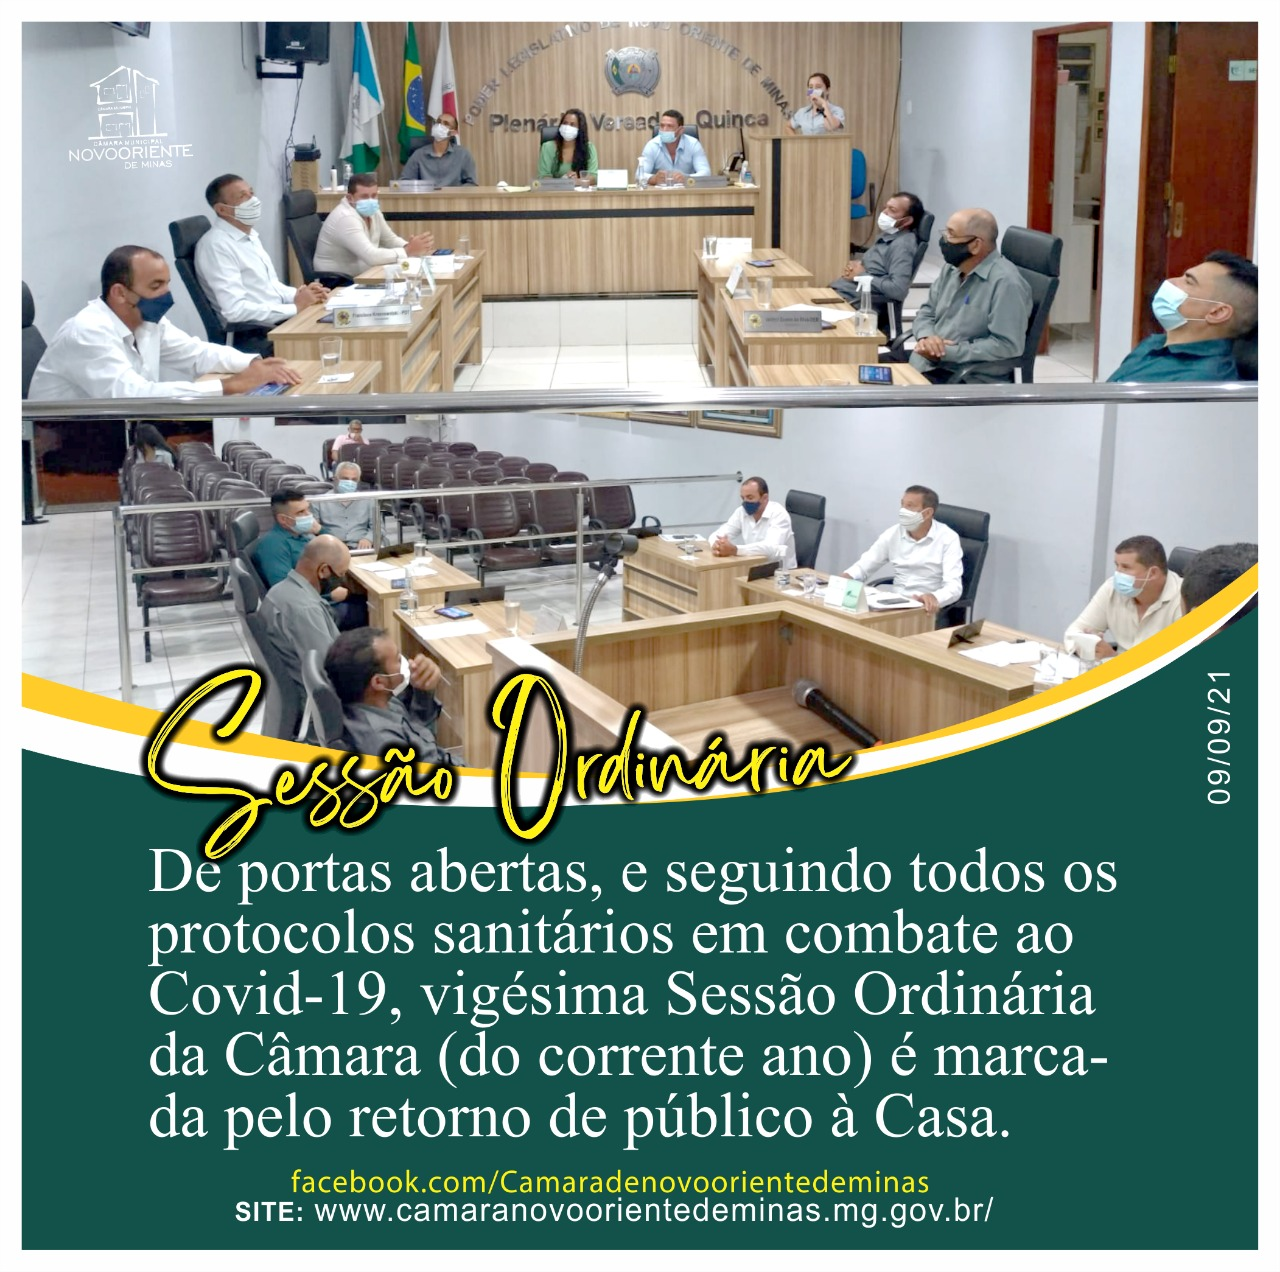 VIGÉSIMA SESSÃO ORDINÁRIA